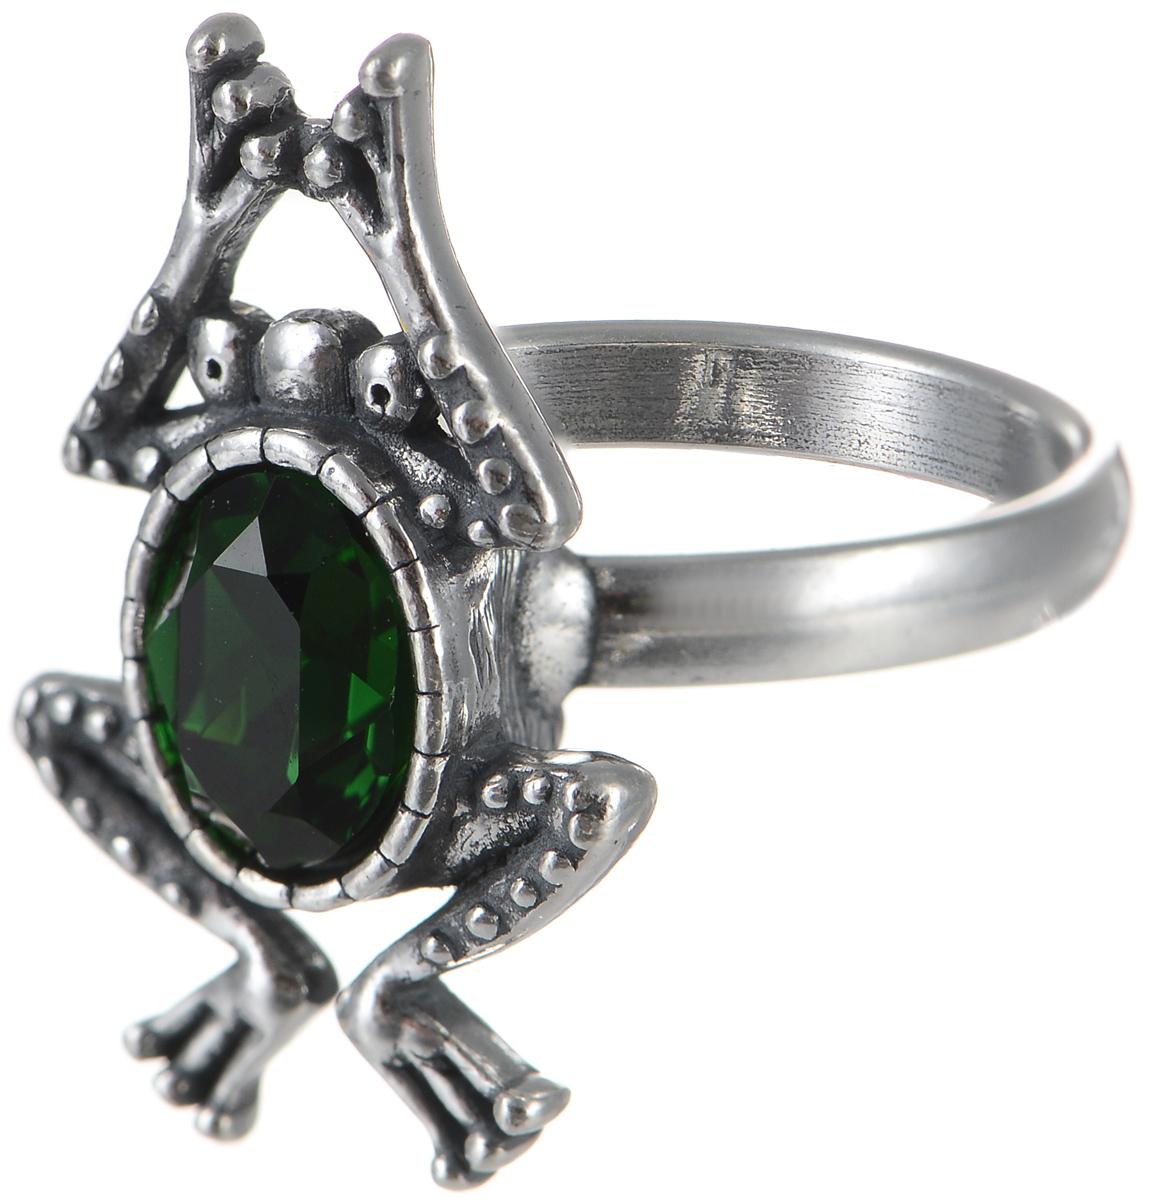 Кольцо Jenavi Пипин, цвет: серебристый, зеленый. k3363032. Размер 17k3363032Оригинальное кольцо Jenavi Пипин, выполненное из ювелирного сплава с покрытием из черненого серебра, оформлено декоративным элементом в виде лягушки, который инкрустирован кристаллами Swarovski. Красивое и необычное украшение блестяще подчеркнет ваш изысканный вкус и поможет внести разнообразие в привычный образ.